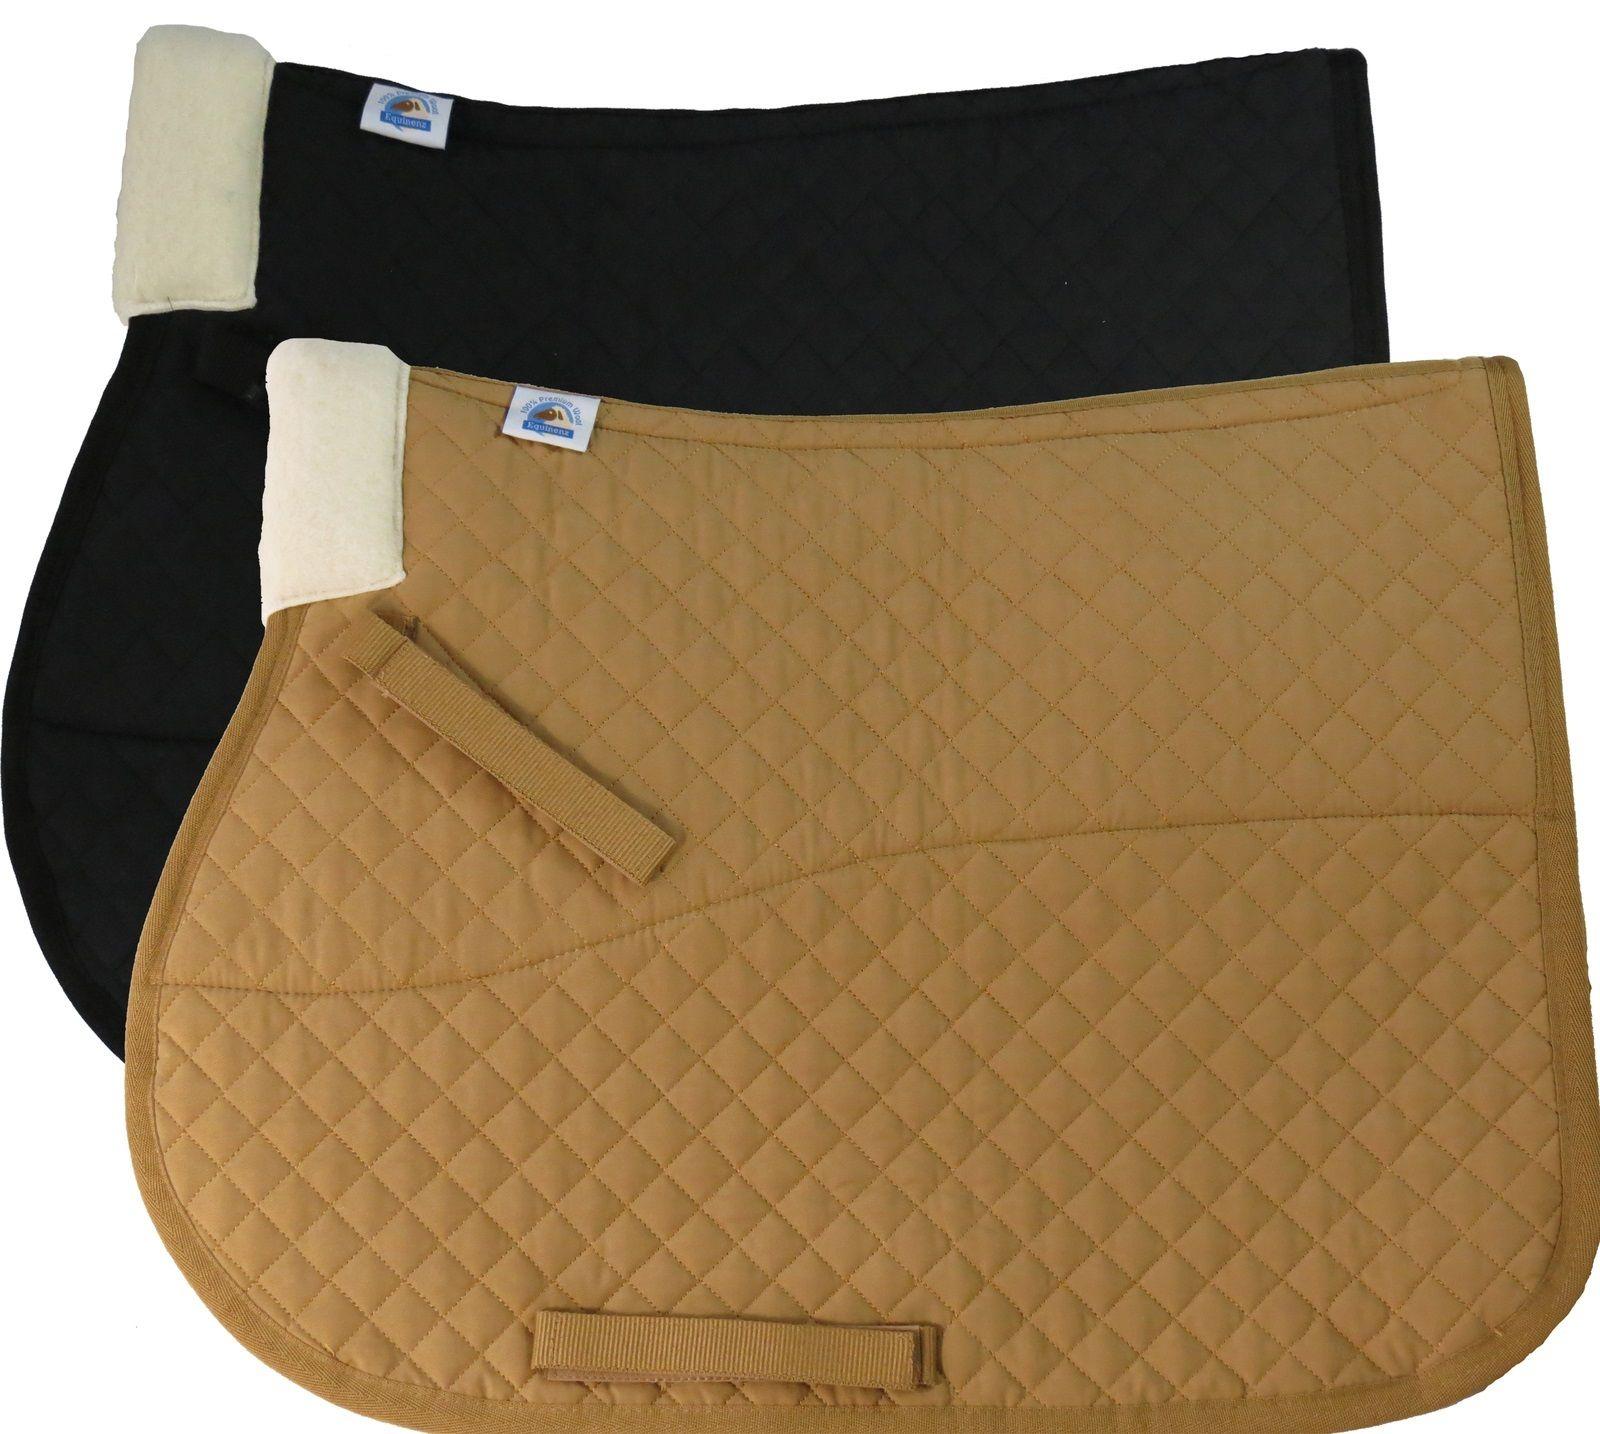 Equinenz Comfort Jumping Saddle Blanket